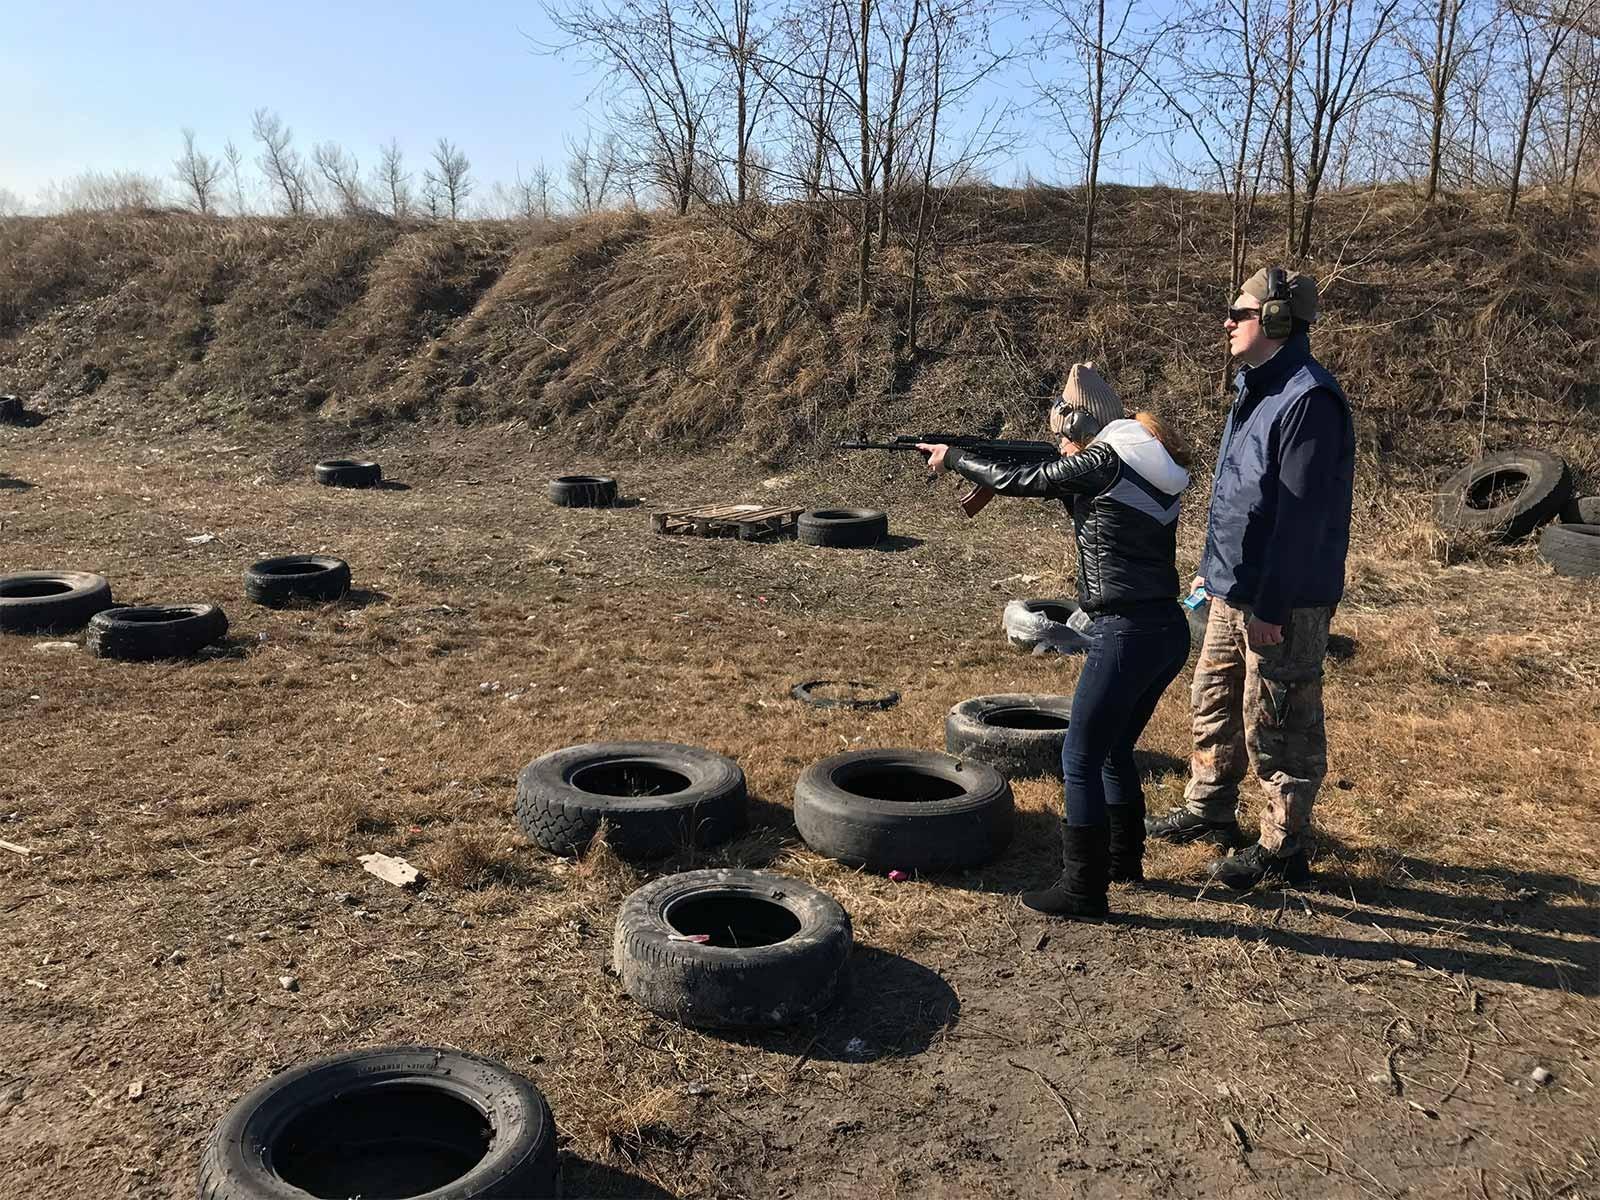 Курсанти вивчали новітні техніки стрільби